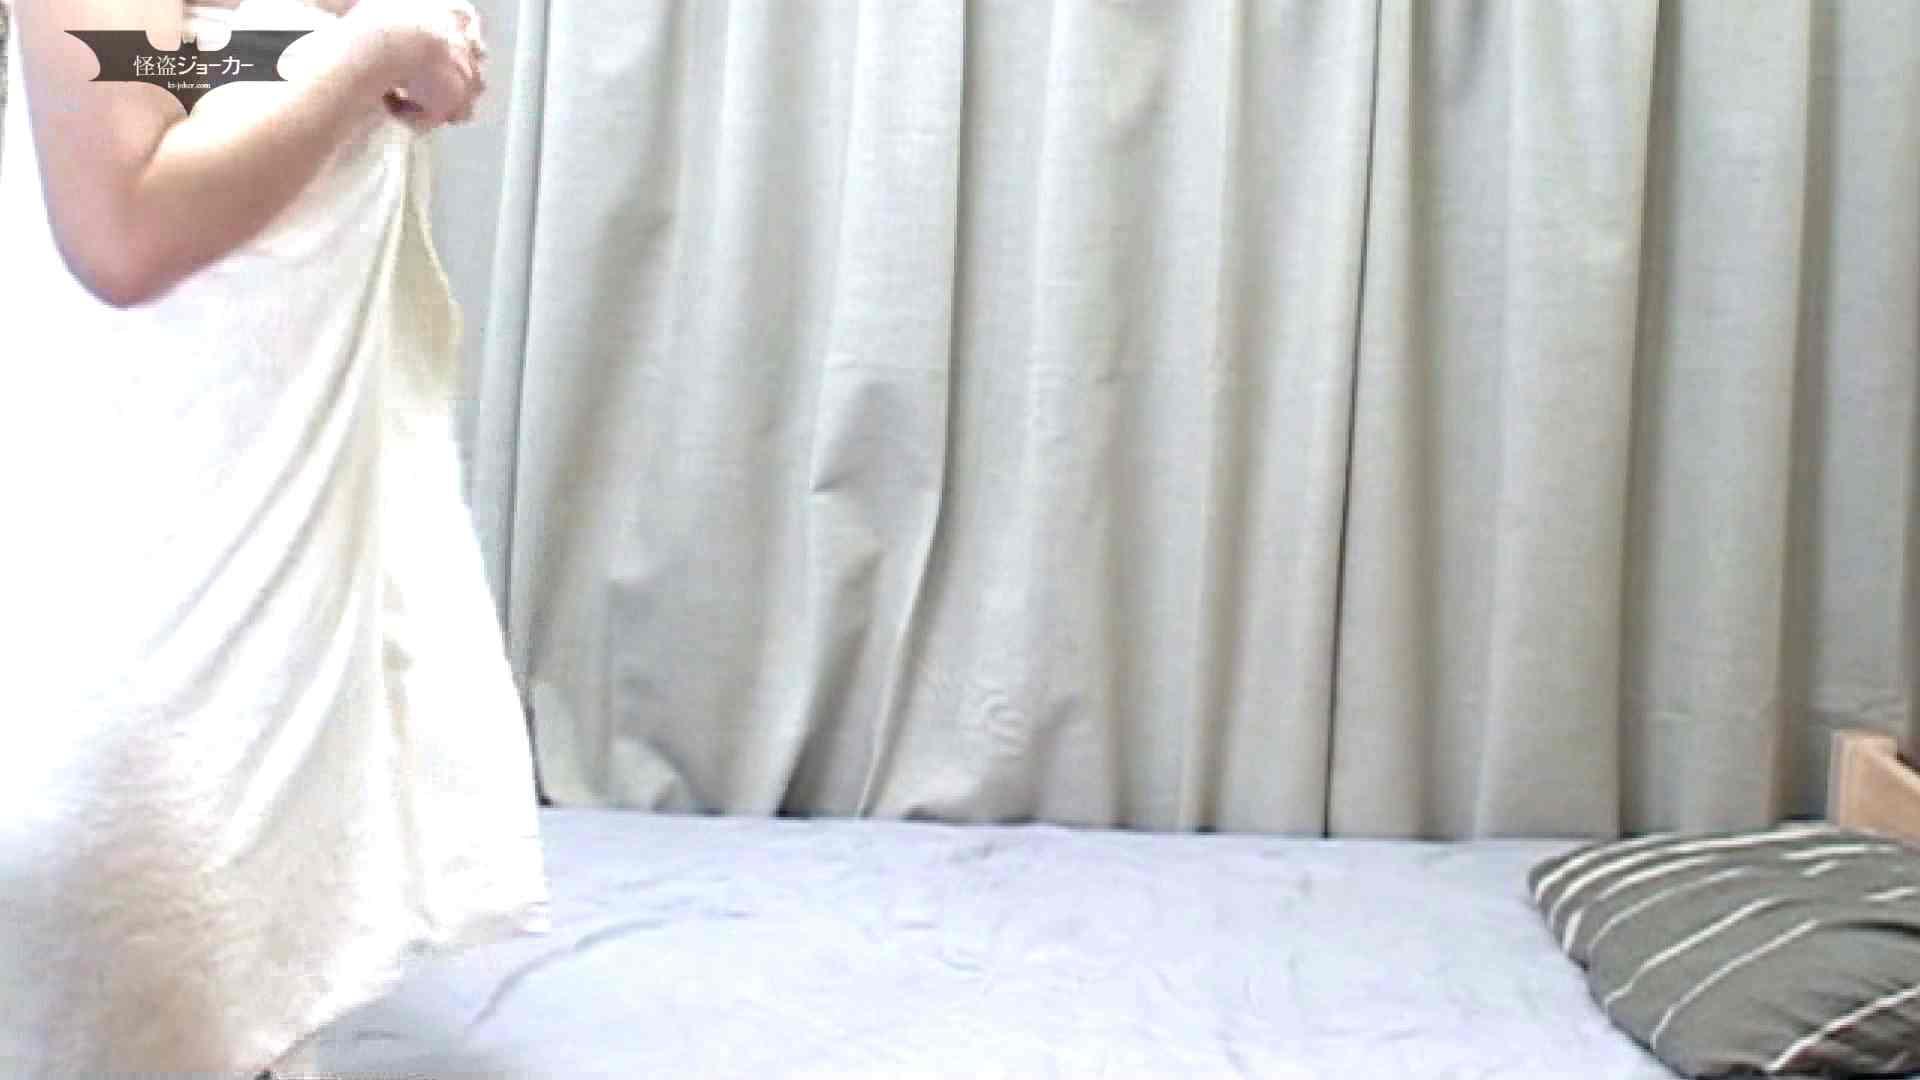 素人女良を部屋に連れ込み隠し撮りSEX!!その28 色白スレンダー娘 えりか SEX動画 オマンコ動画キャプチャ 94枚 18